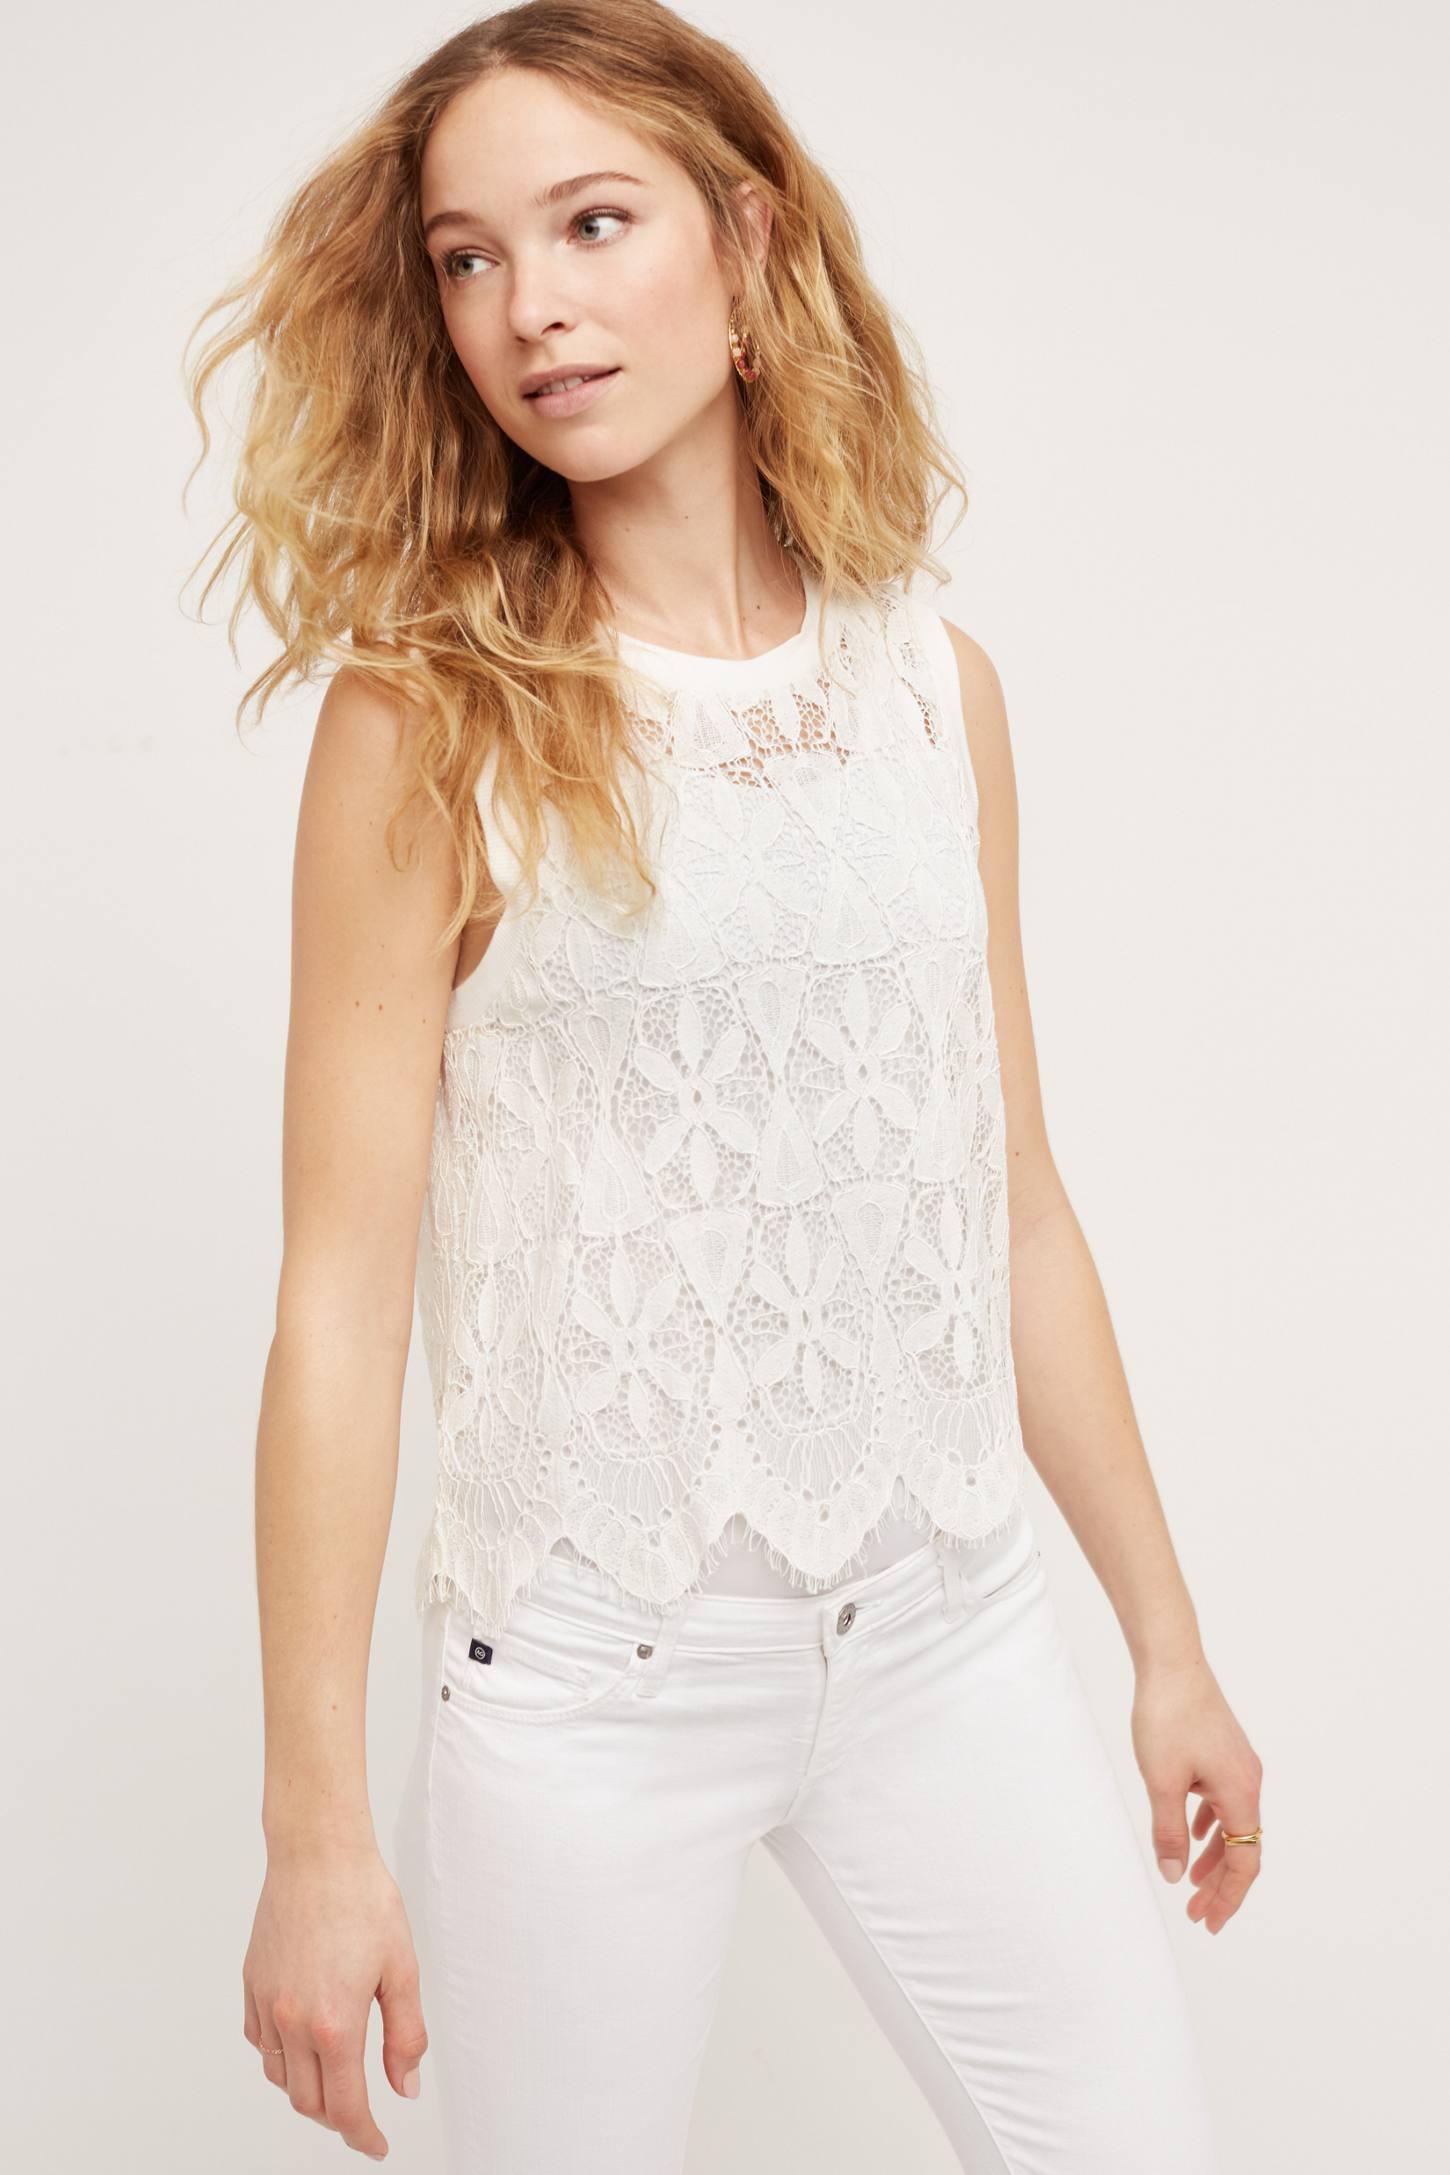 Bria Scalloped Lace Tank Top, White